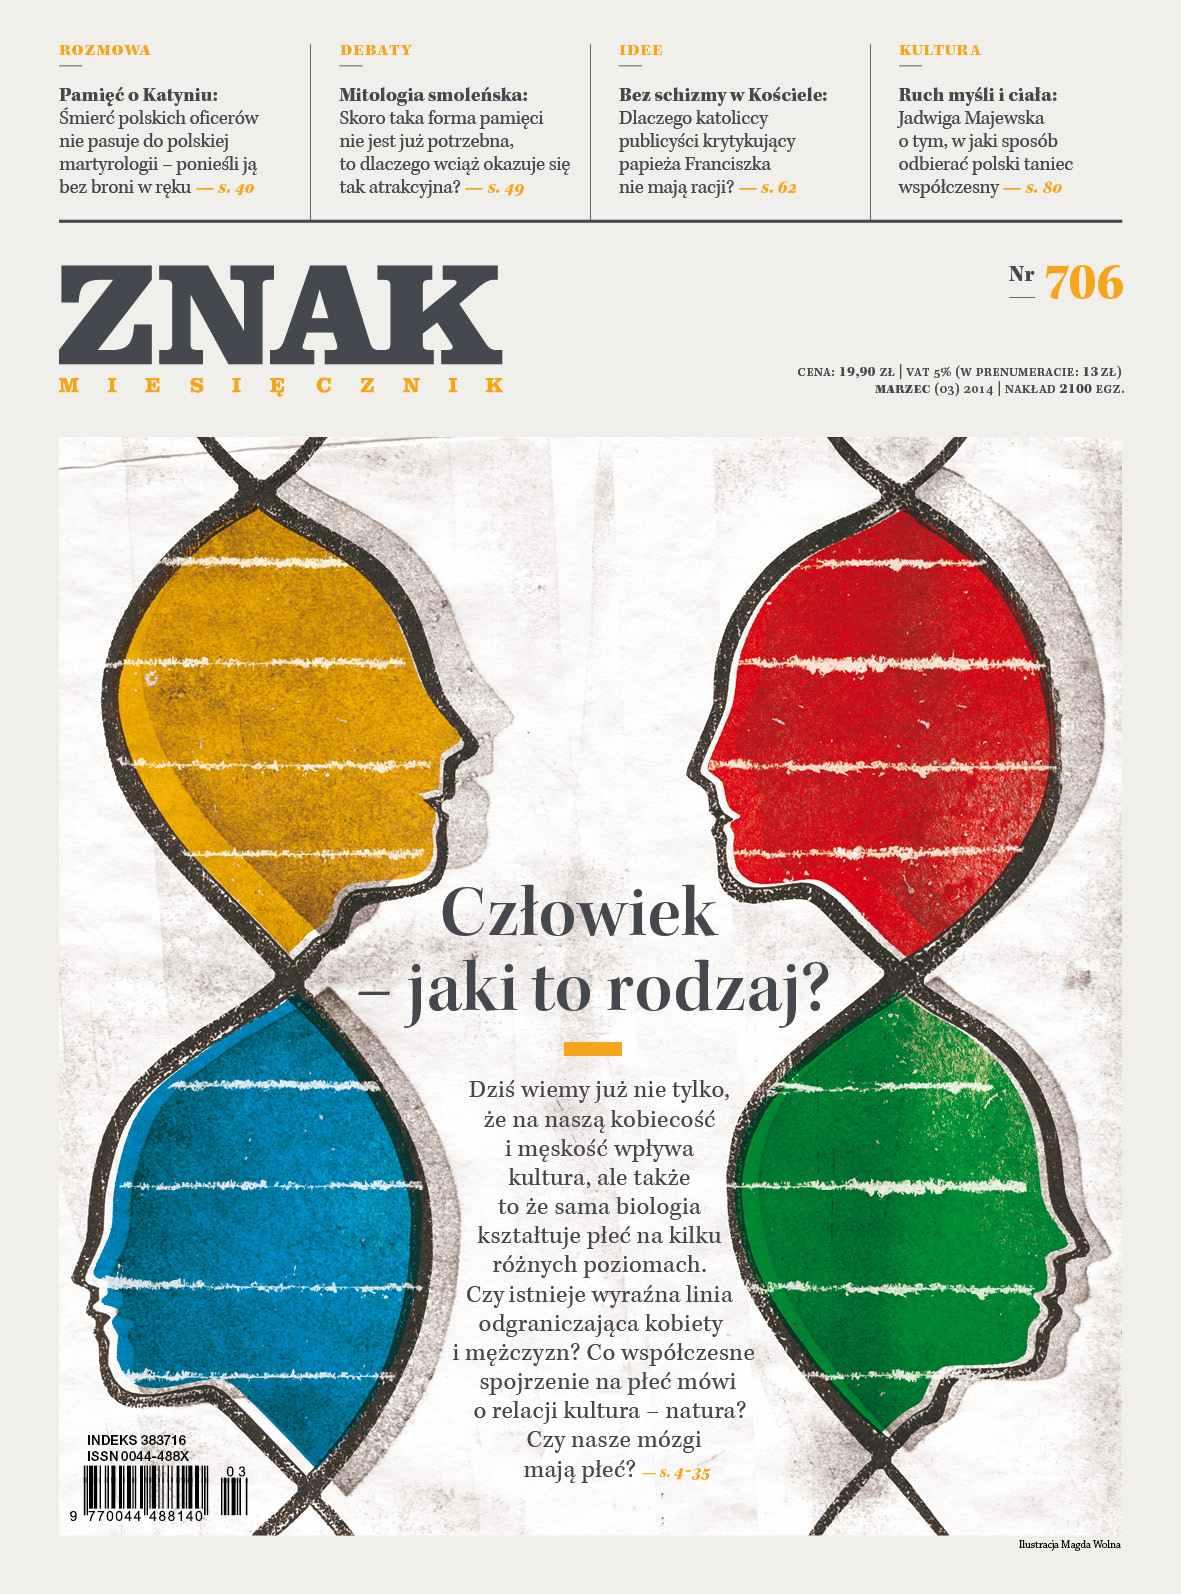 Miesięcznik Znak. Marzec 2014 - Ebook (Książka EPUB) do pobrania w formacie EPUB